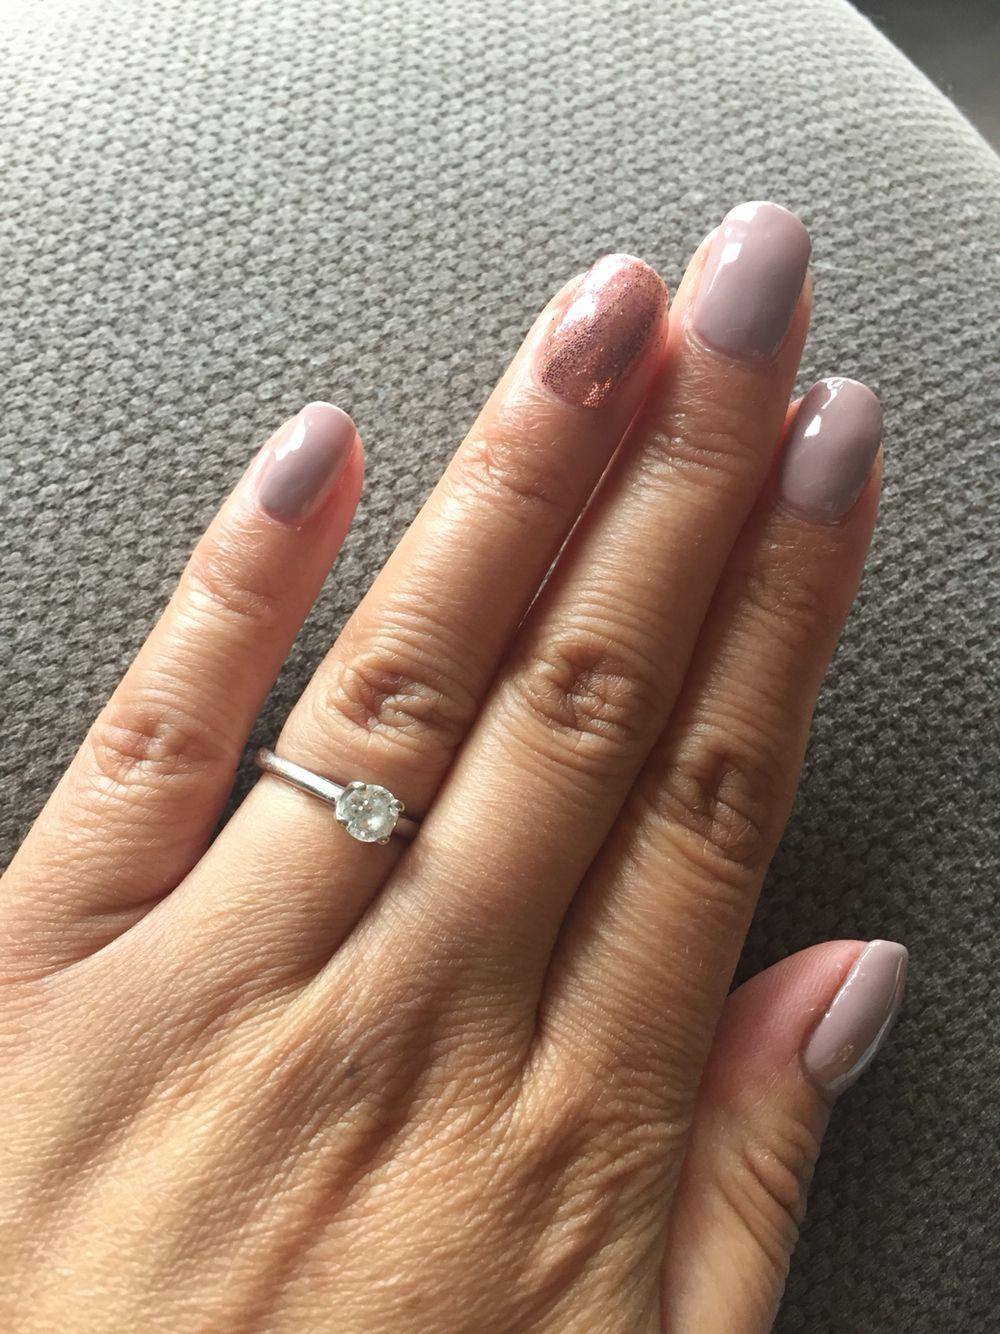 Pin by Nancy Seroski on Shellac | Shellac nails, Shellac ...